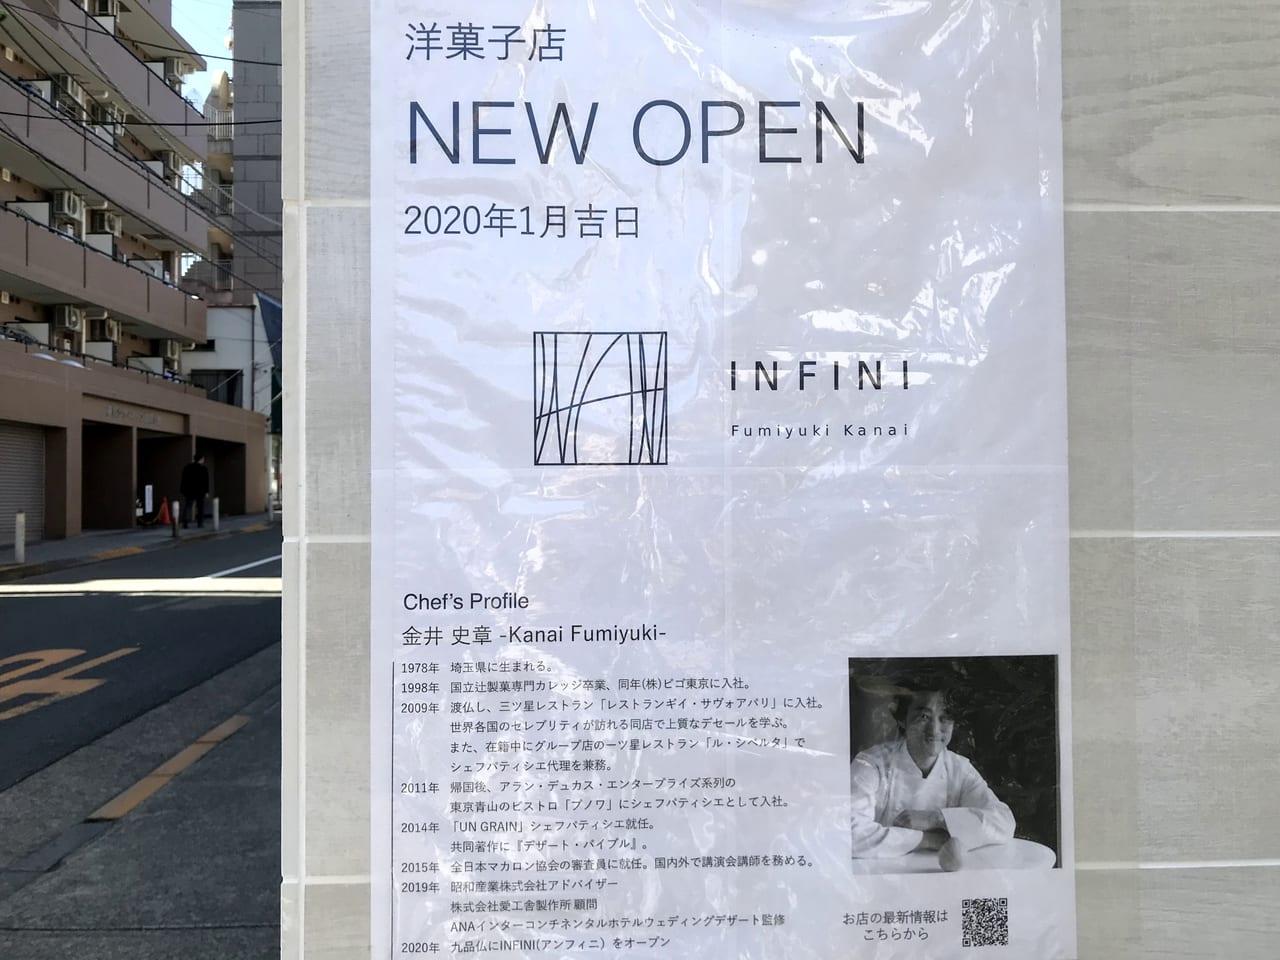 2020年九品仏に本格スイーツ店オープン